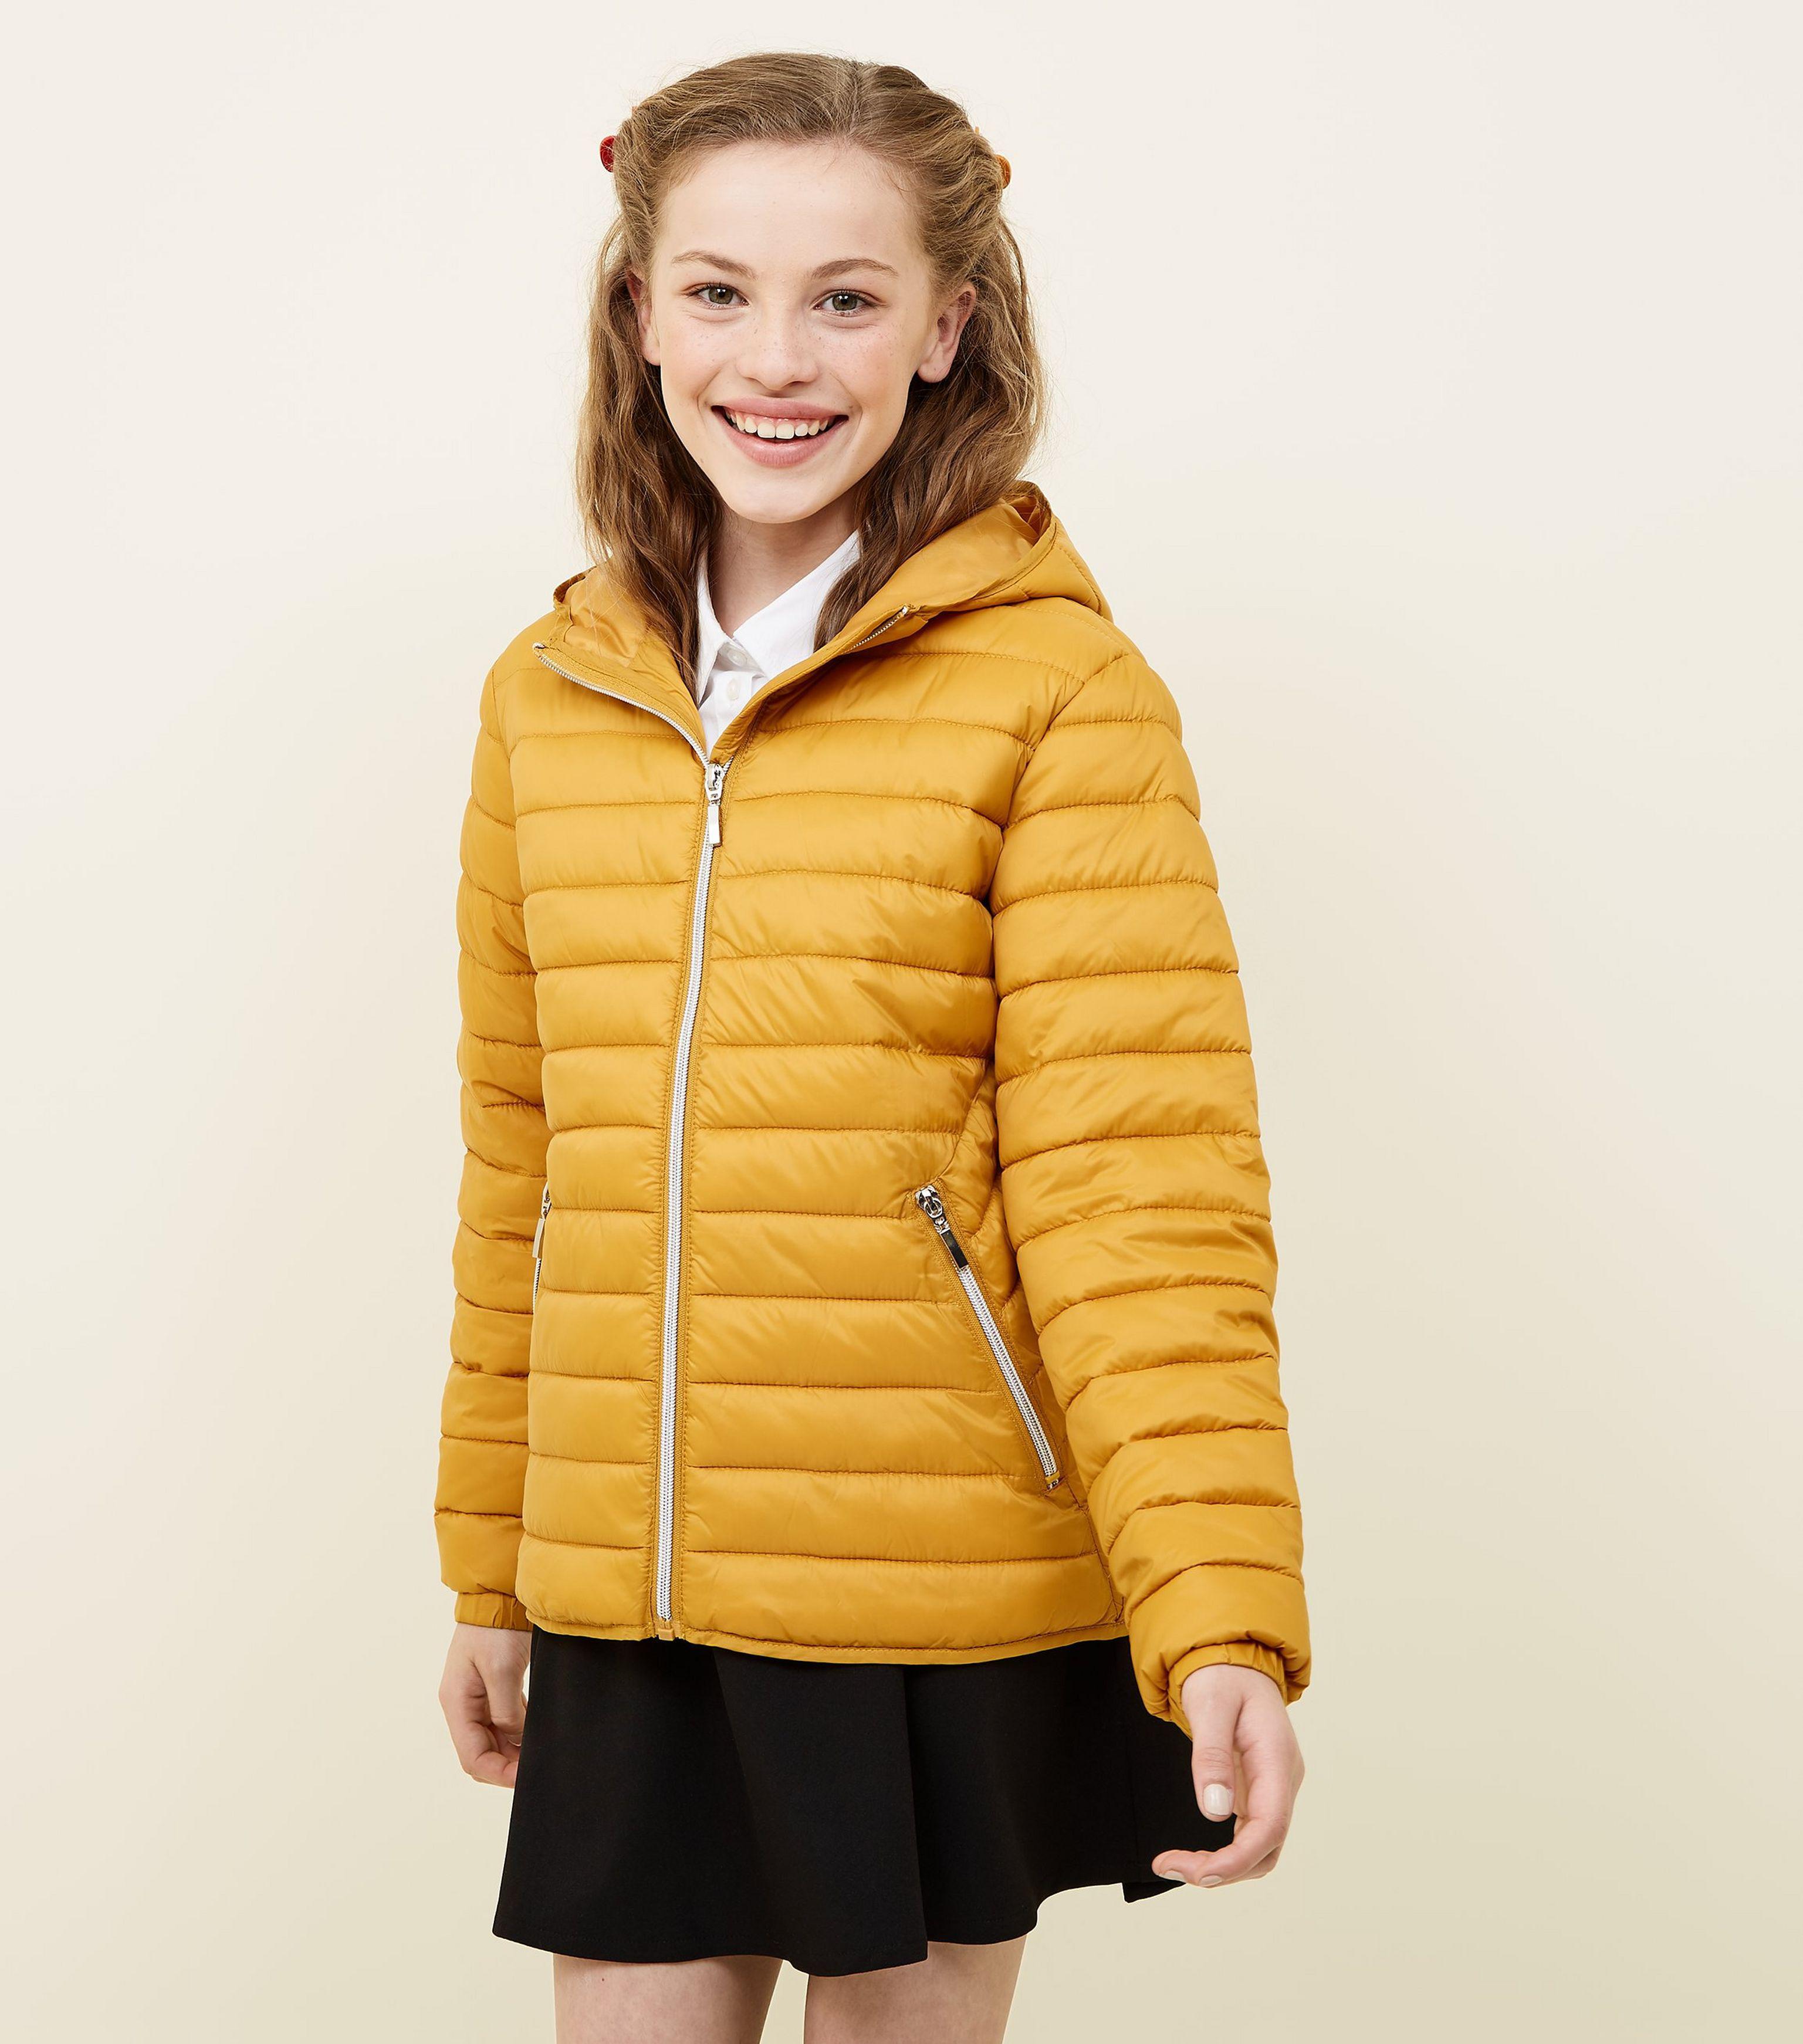 superior materials online brand new Women's Yellow Girls Mustard Lightweight Hooded Puffer Jacket